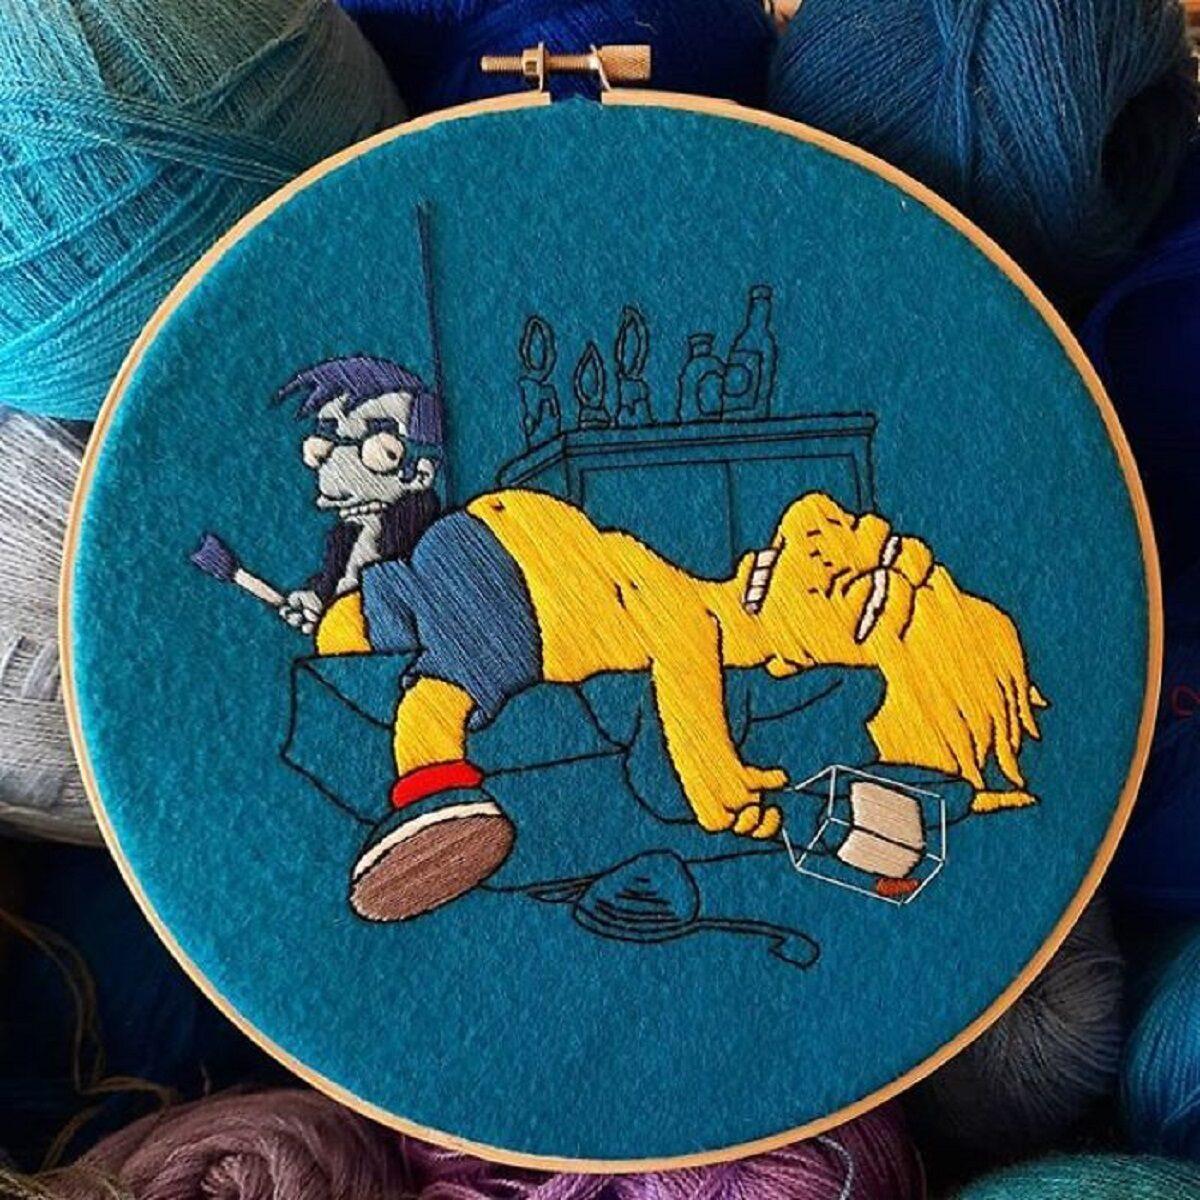 Artista Gabriela Martinez cria bordados de cenas de Os Simpsons 25